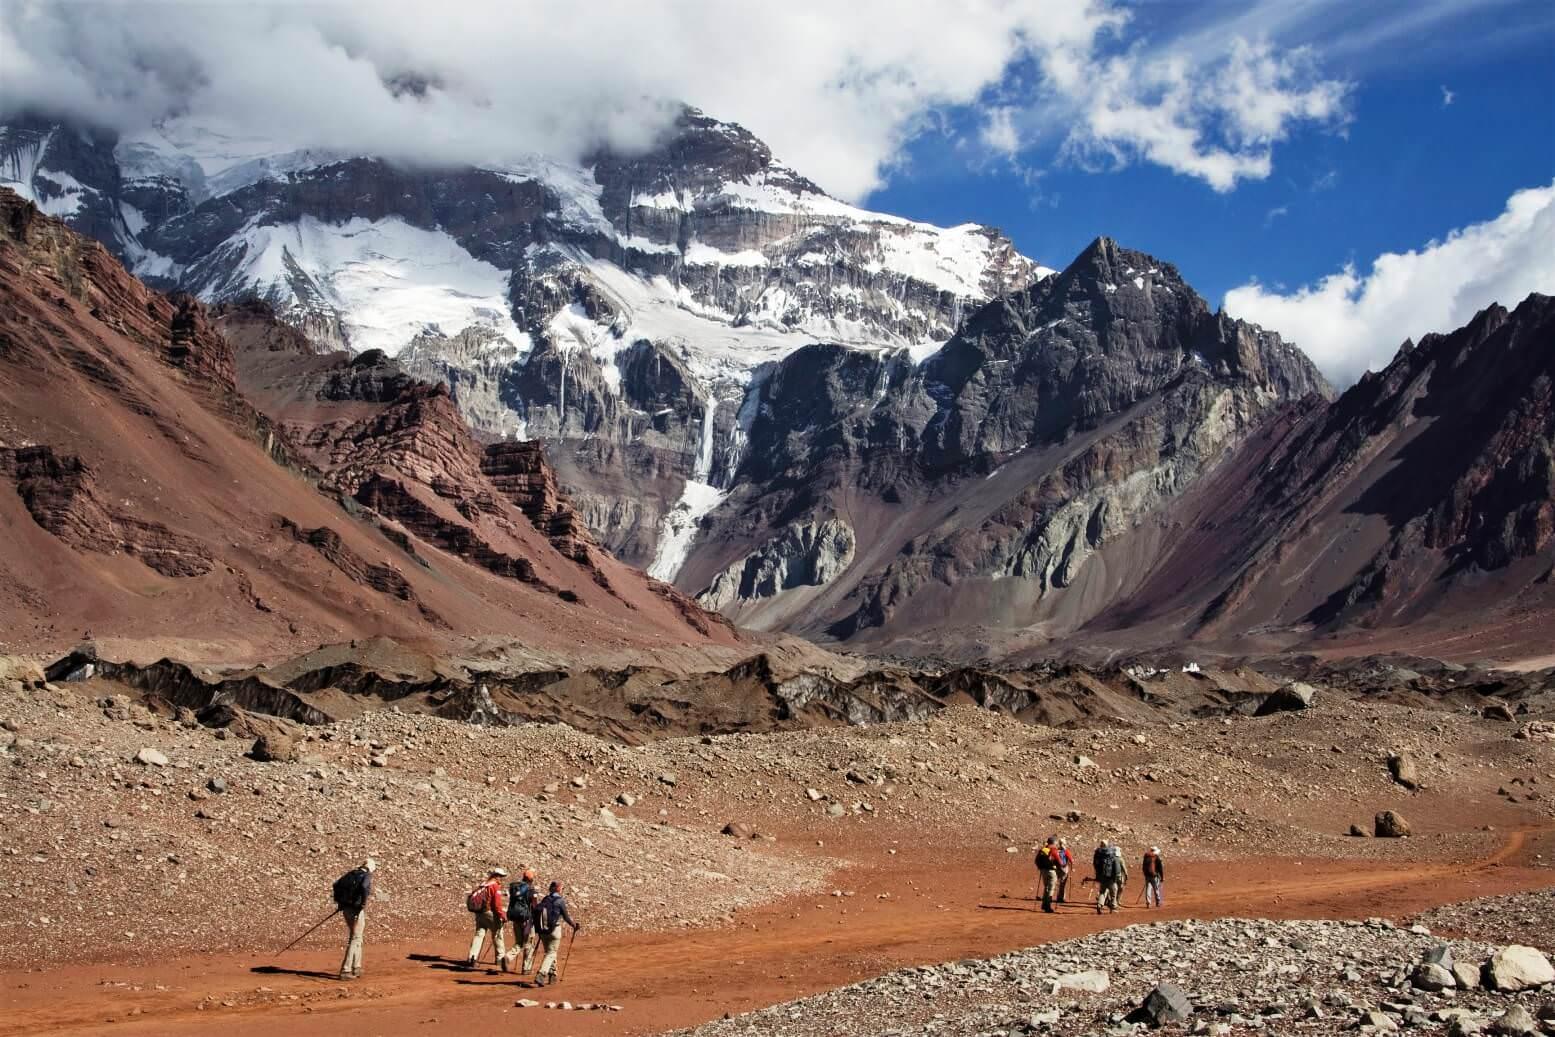 trekking in Mendoza